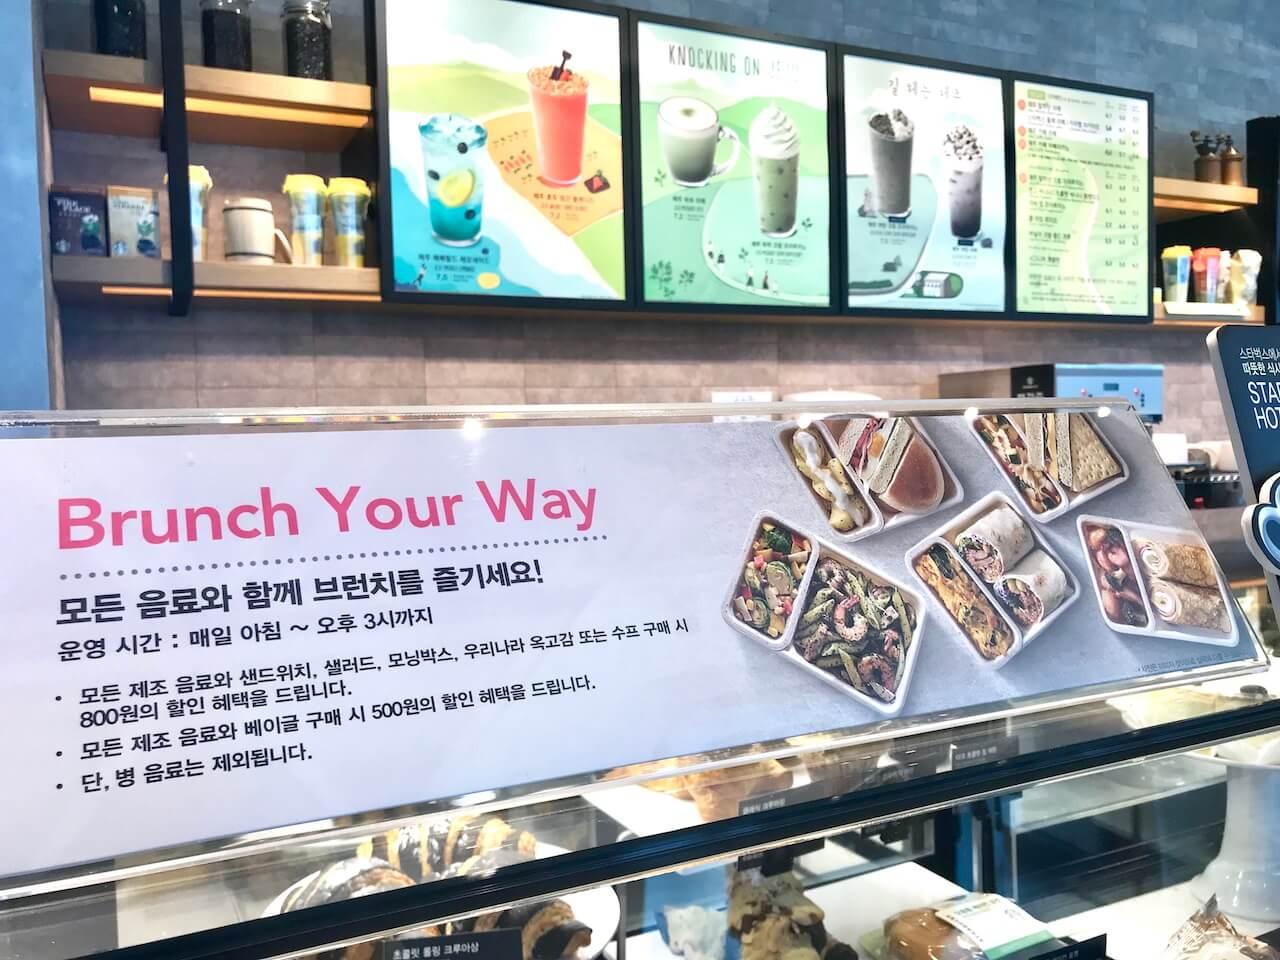 韓国スタバ限定のブランチボックス